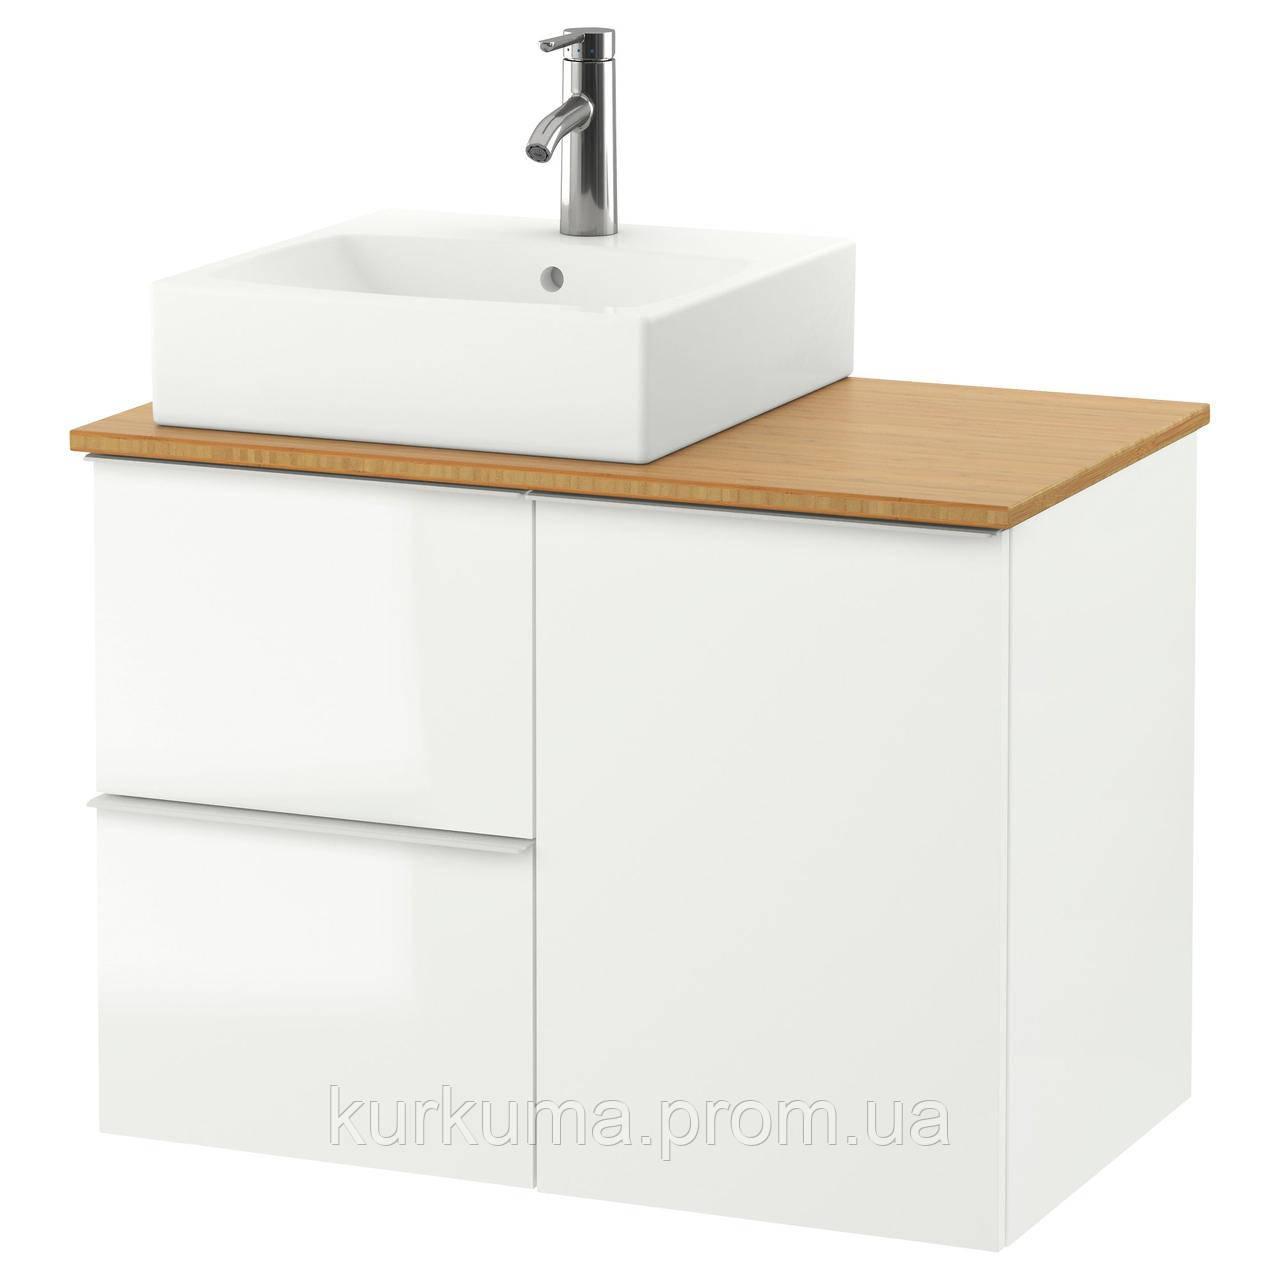 IKEA GODMORGON/TOLKEN/TORNVIKEN Шкаф под умывальник с раковиной 45x45, глянцевый белый, бамбук  (791.911.72)